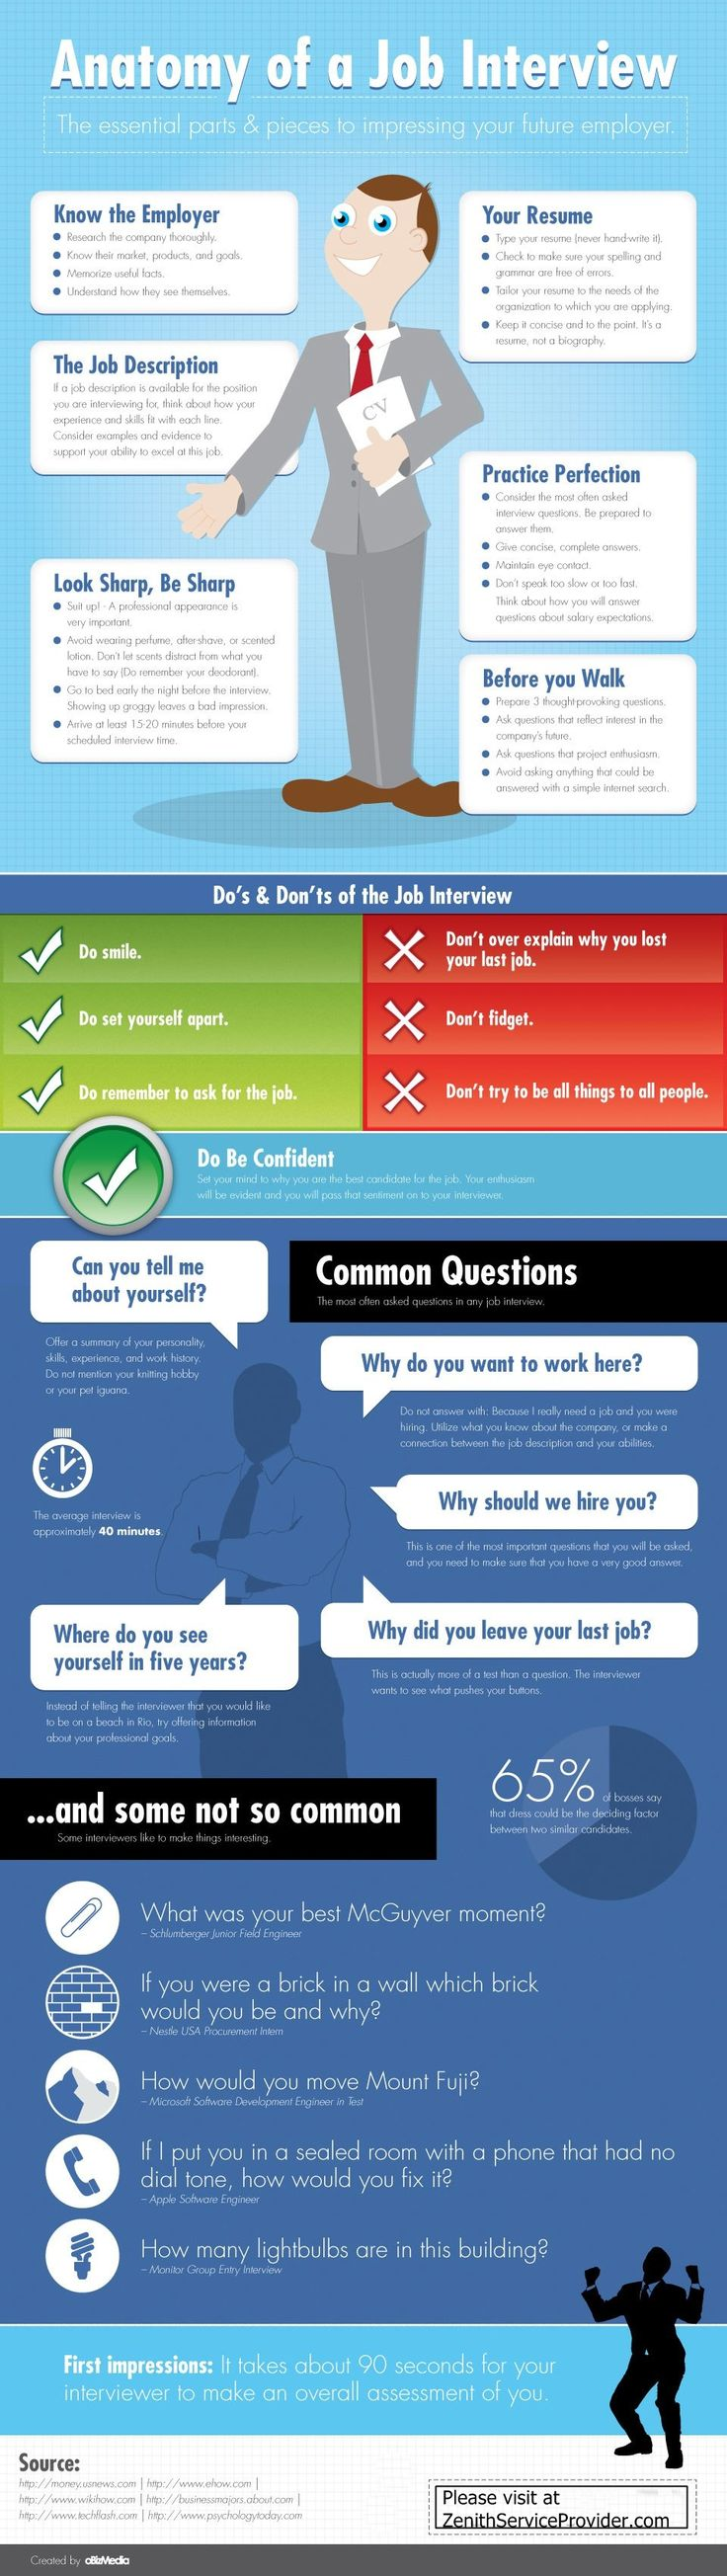 Resume #Job #Career #Recruitment #ZenithServiceProvider